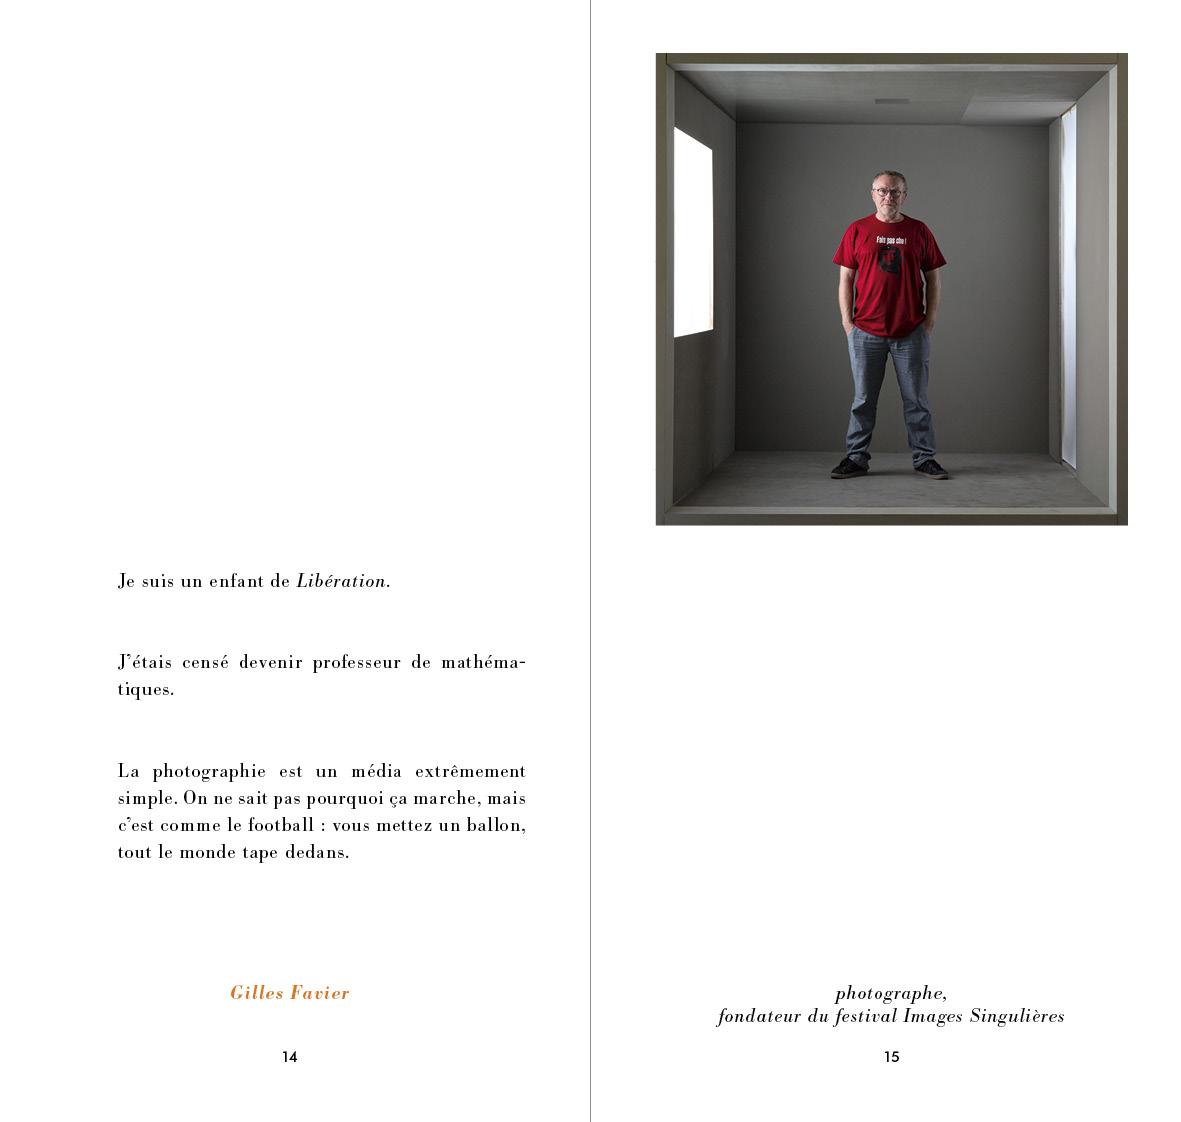 Gilles-Favier-1466761167.jpg